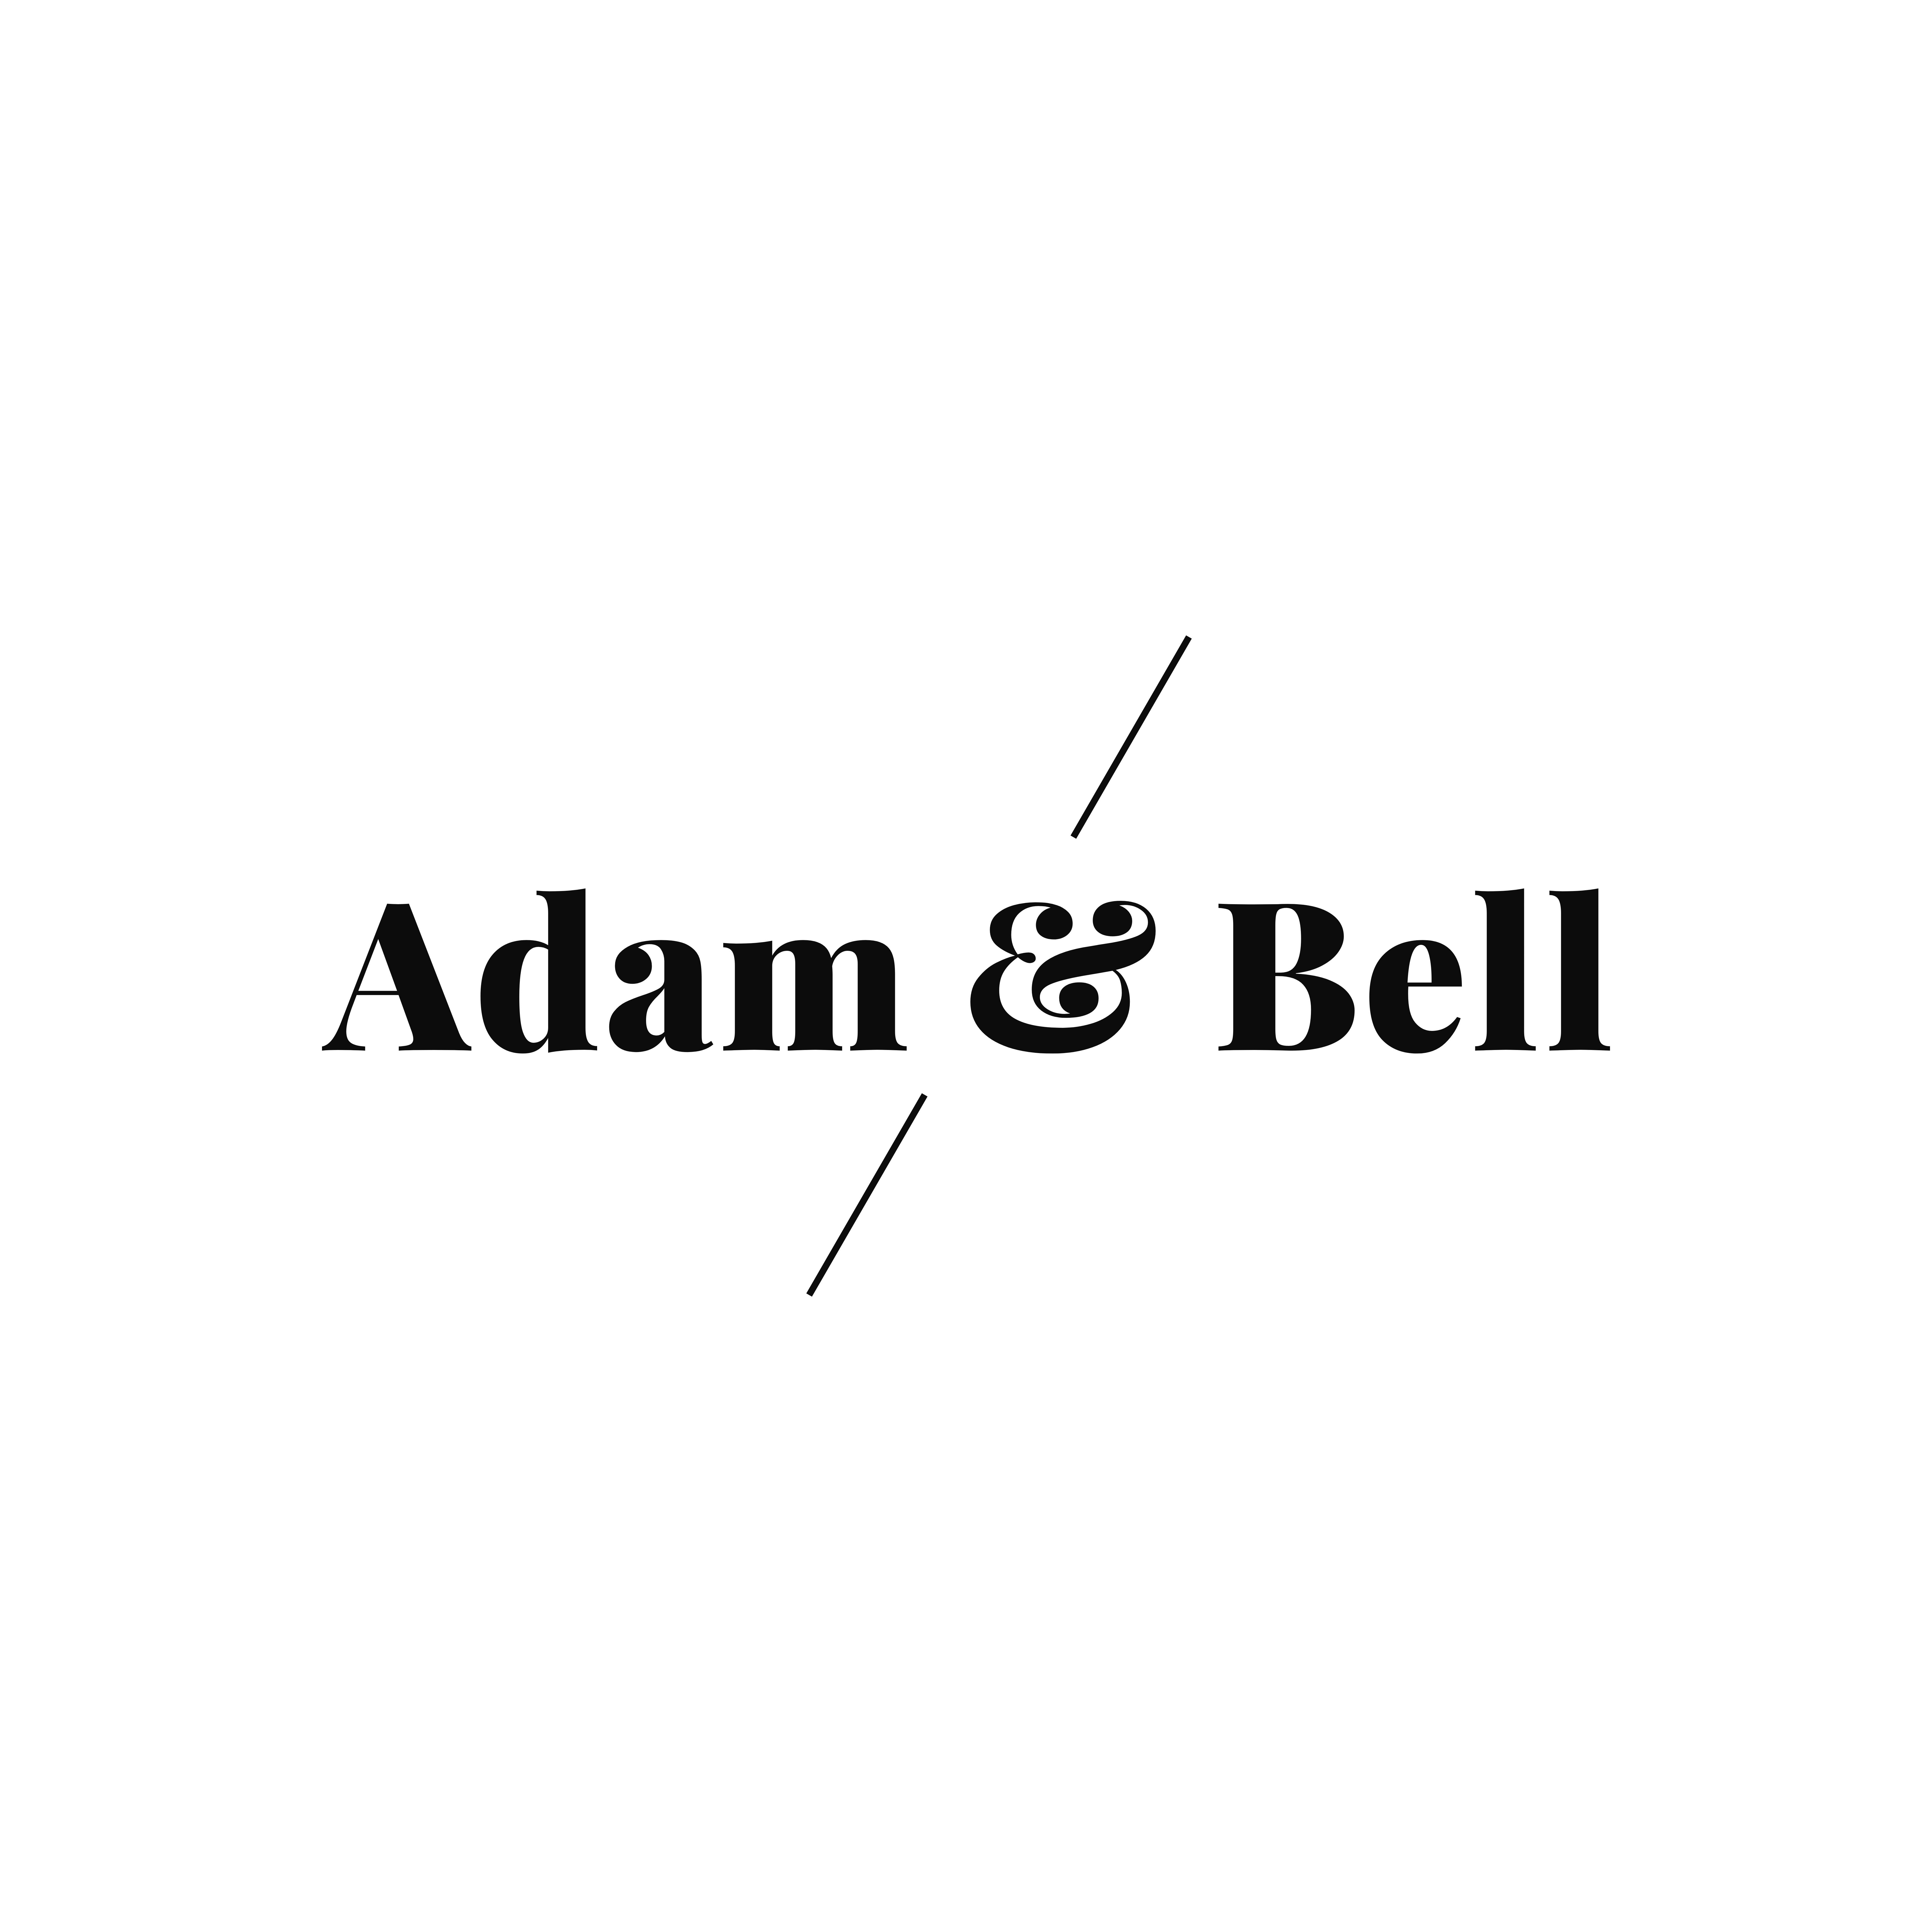 Adam & Bell floor plan in Dorchester Ilderton Komoka London Mount Brydges Ontario St. Thomas Strathroy